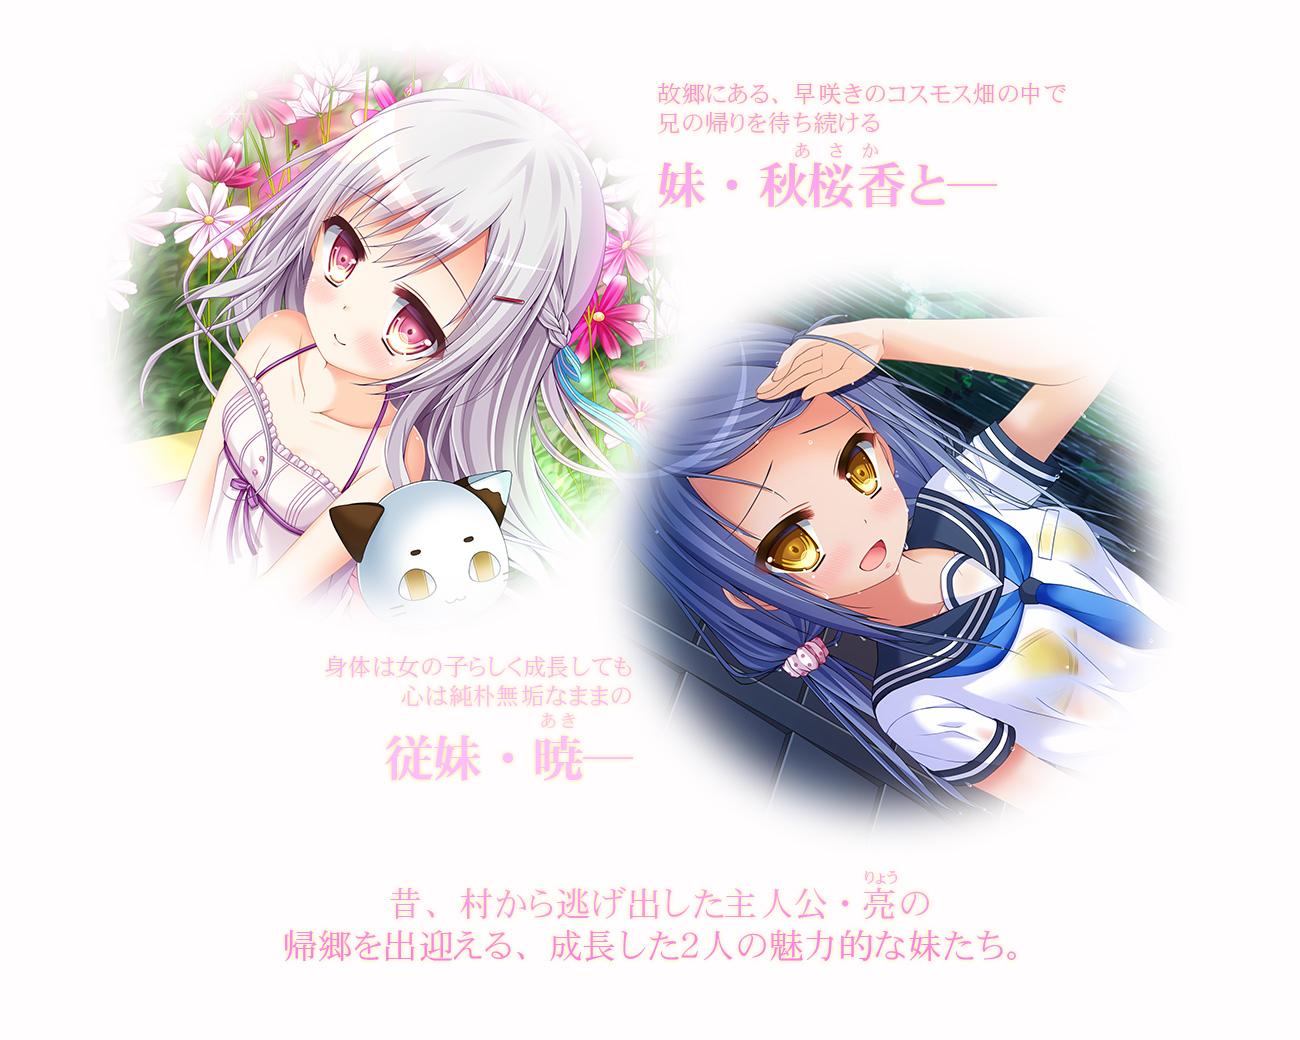 いもけが | あらすじ 妹・秋桜香と、従妹・暁